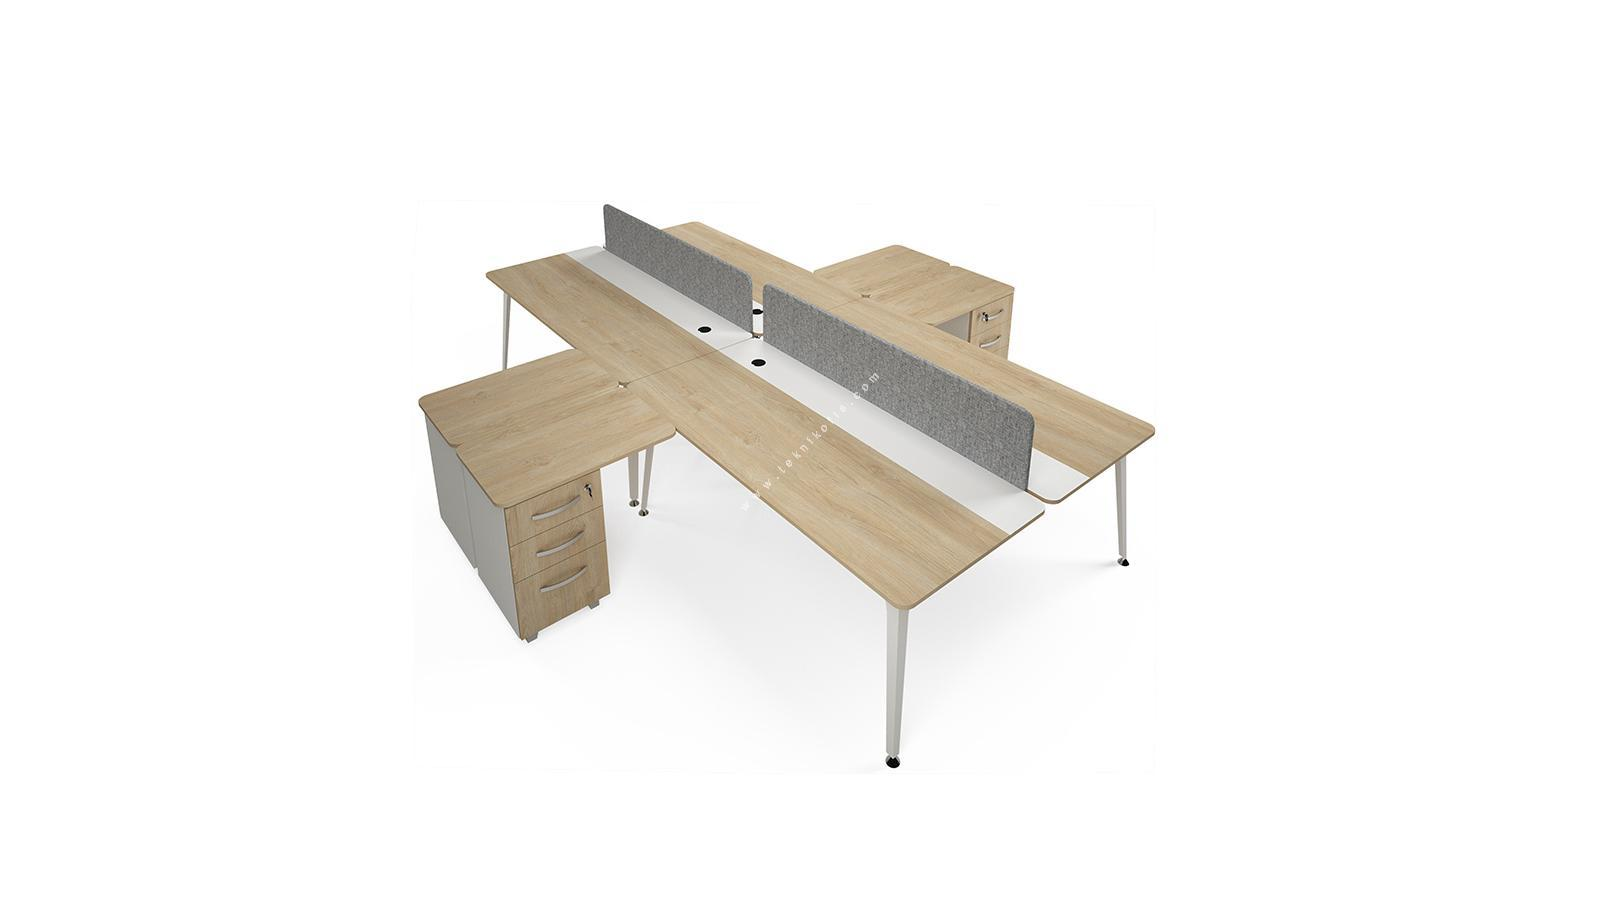 rediste kumaş seperatörlü kesonlu dörtlü çalışma masası 360cm